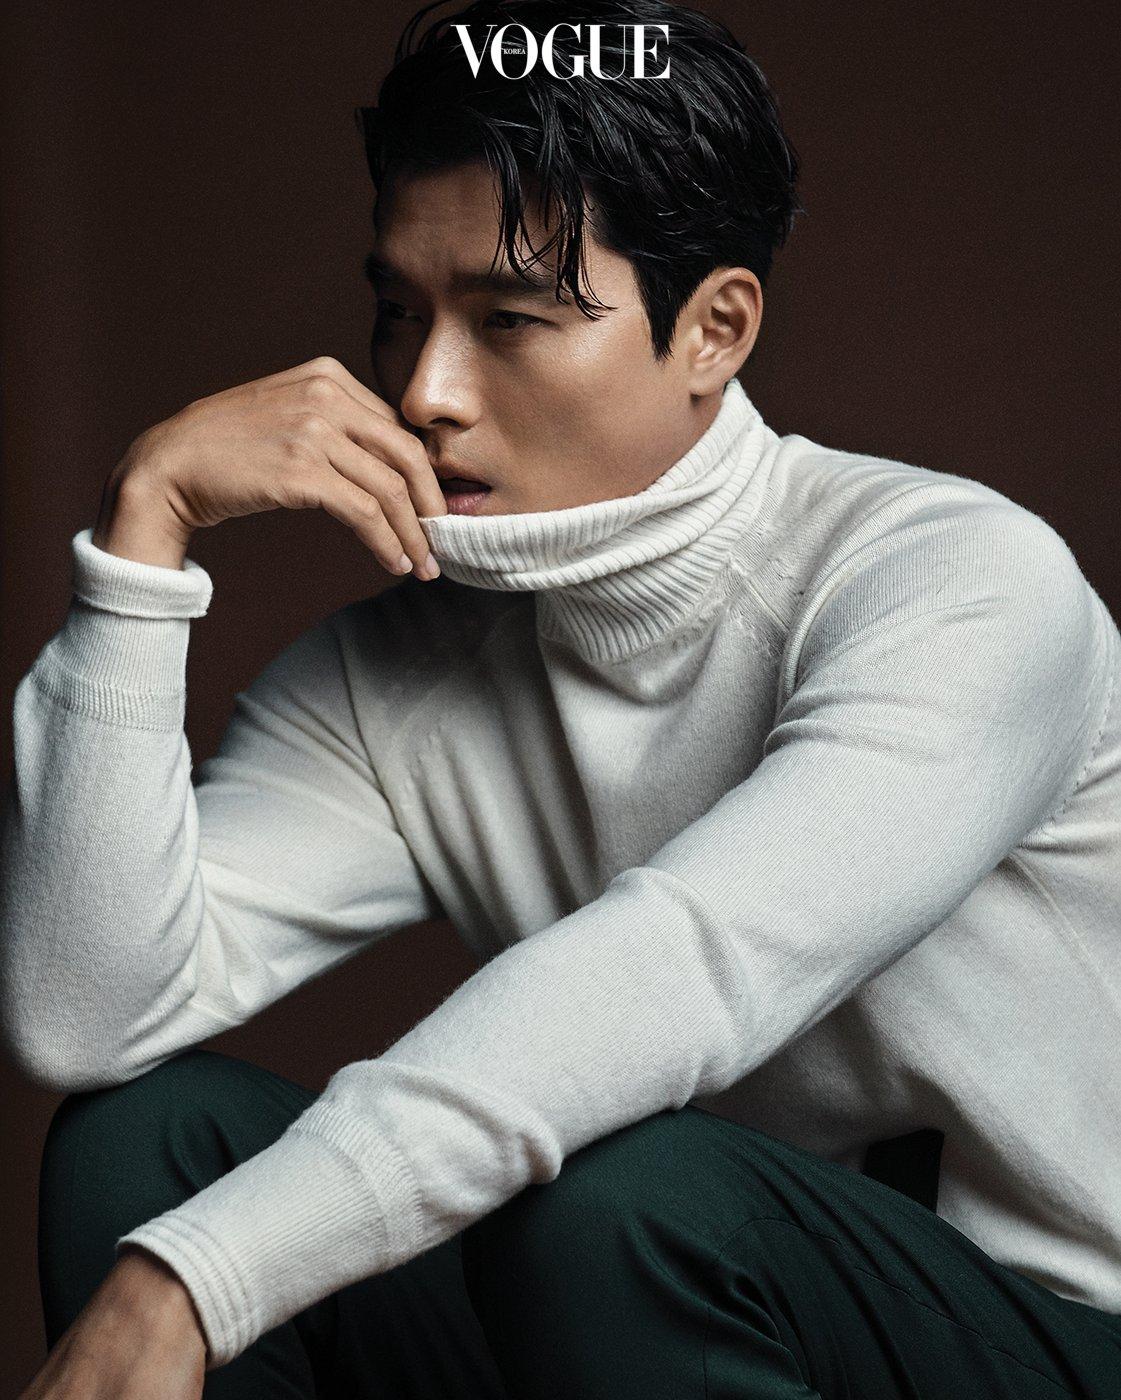 'Đàn ông Thiên Bình' Hyun Bin: Mỹ nam hoàn hảo trong mơ của hàng triệu phụ nữ 2